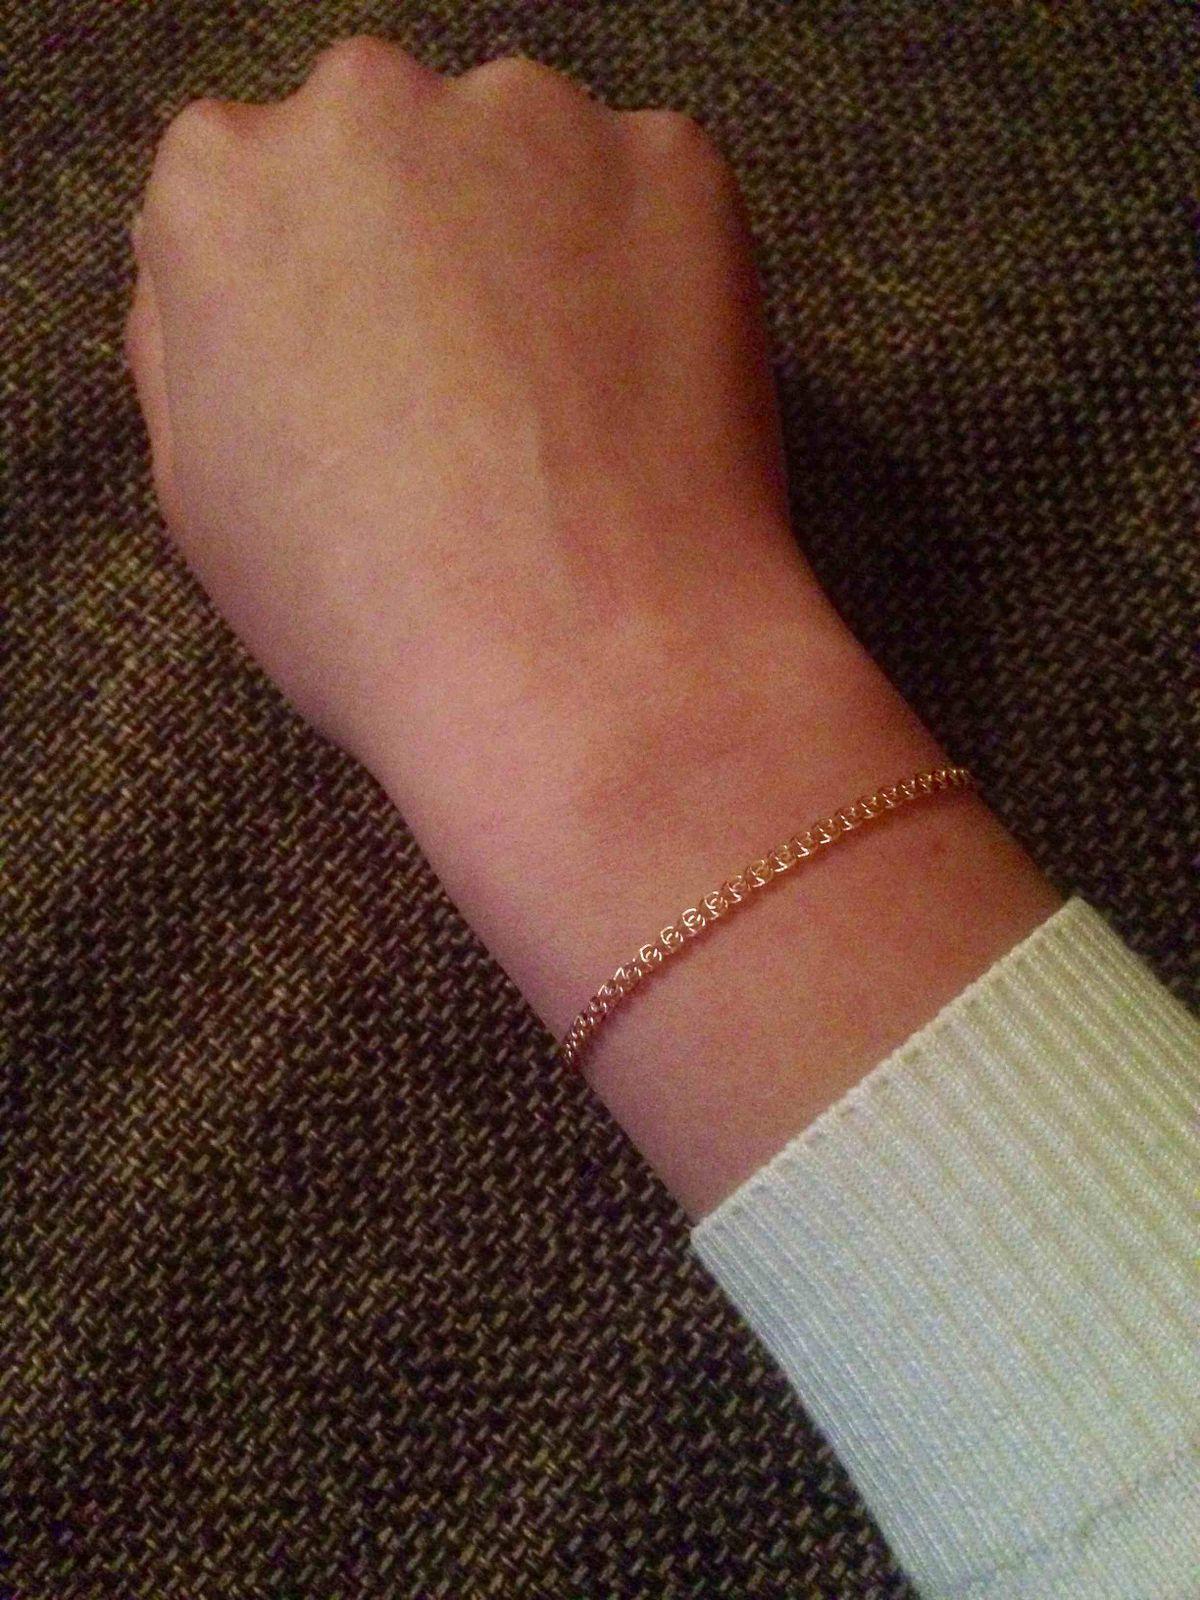 Шикарный браслет, полностью оправданной стоимостью